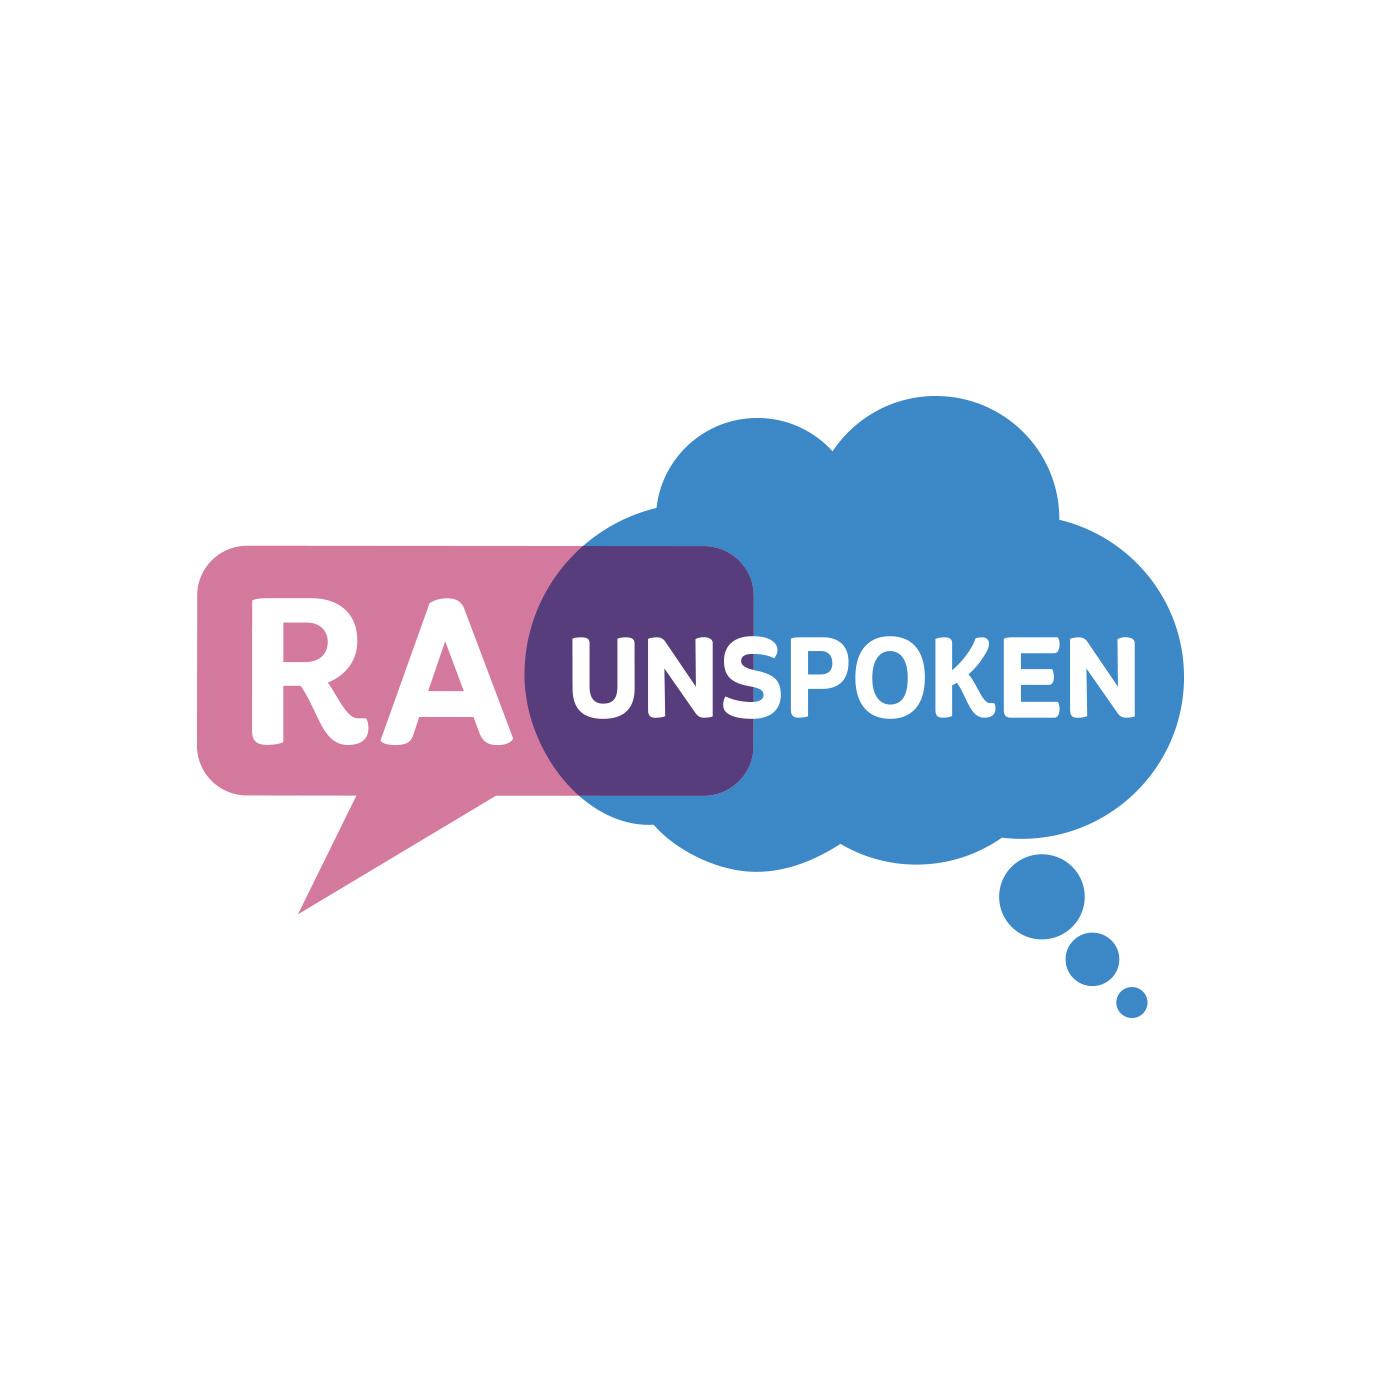 RA Unspoken